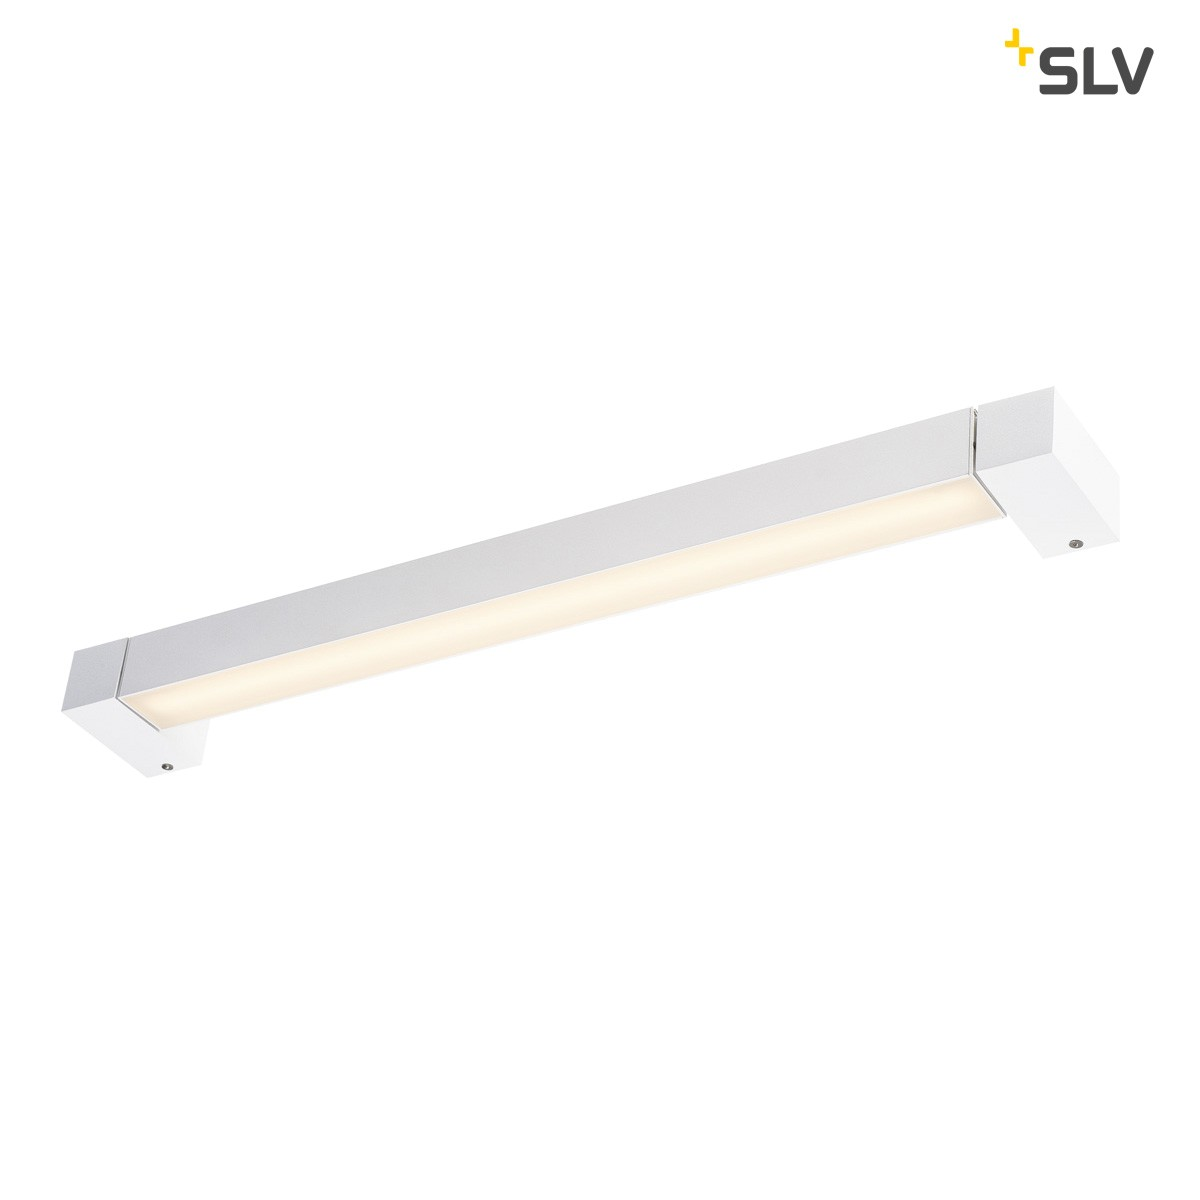 SLV Long Grill Wand- / Deckenleuchte, weiß